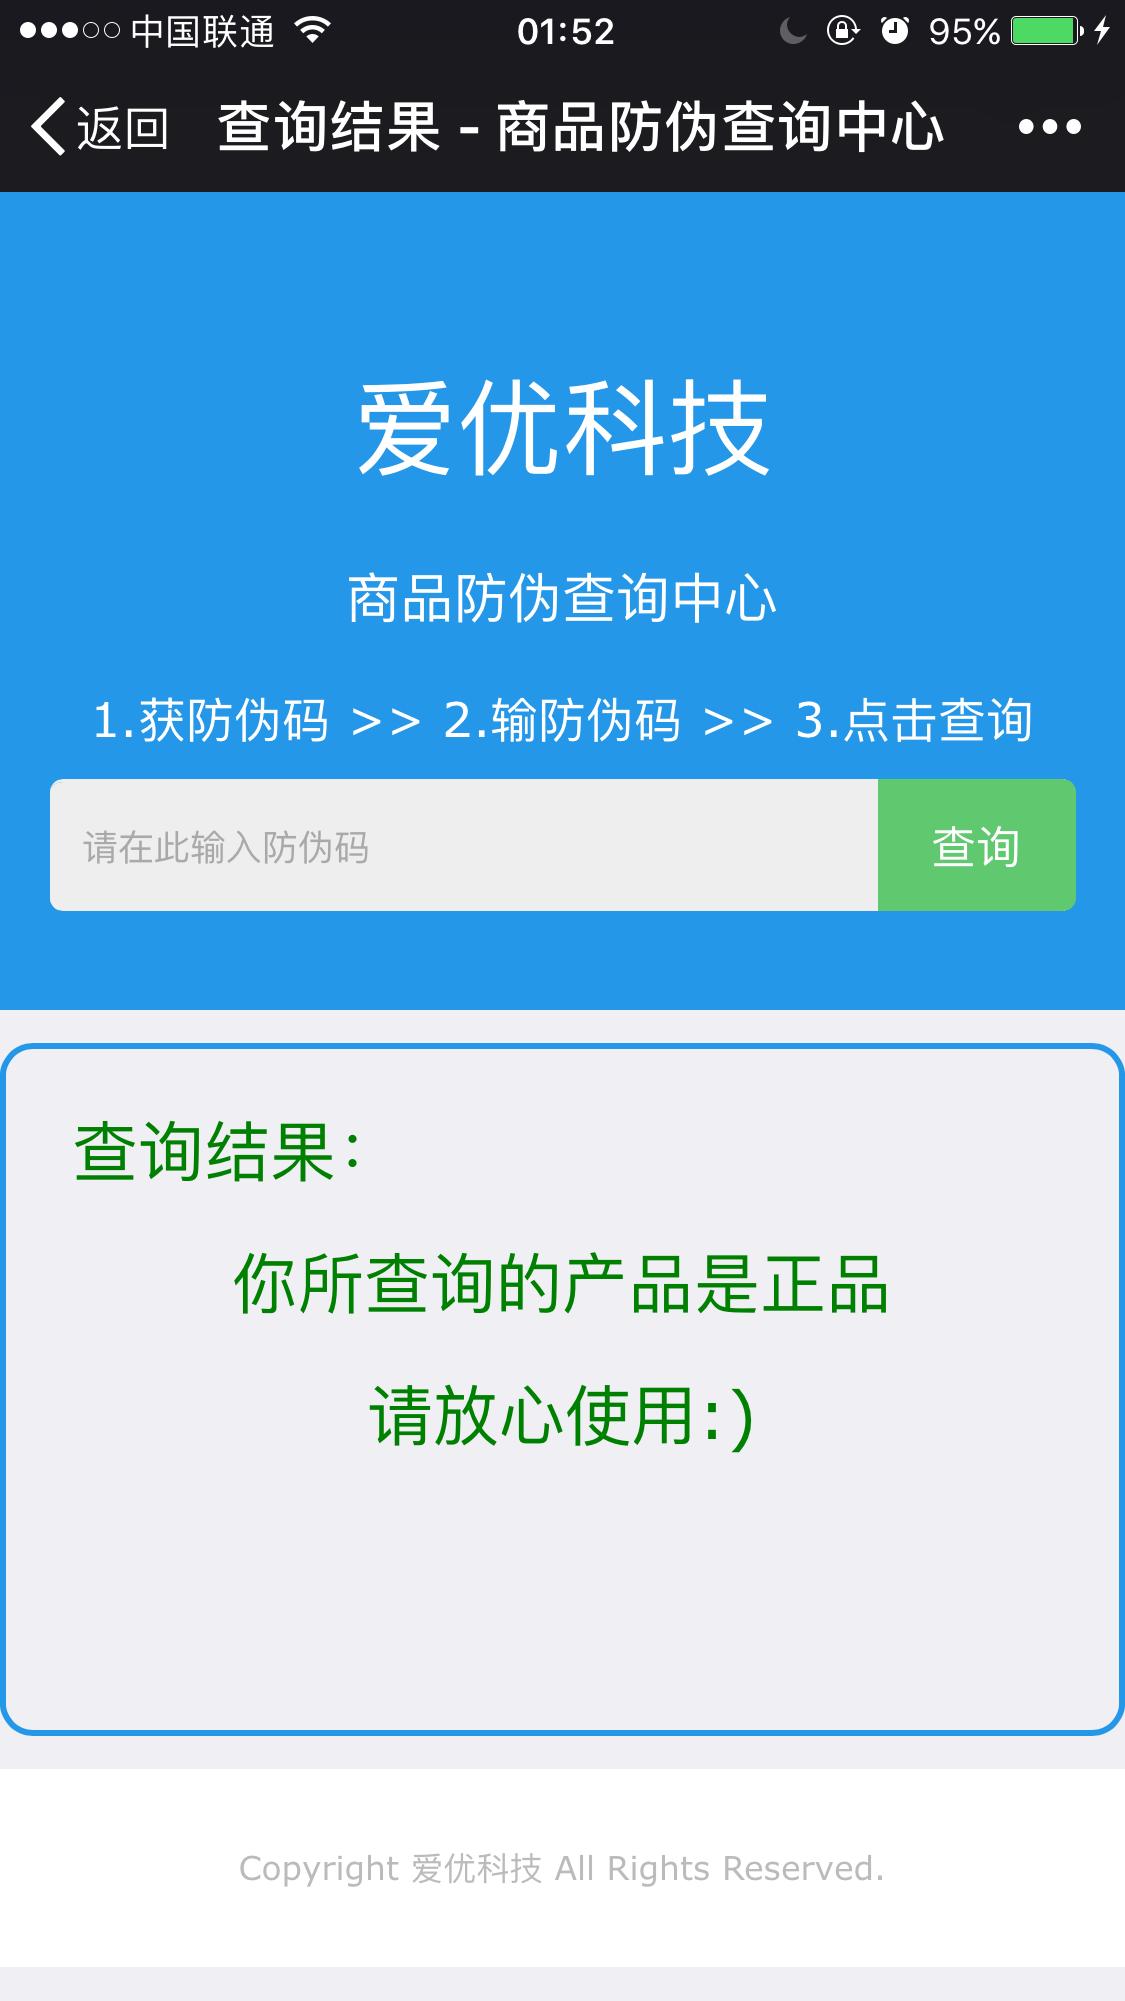 微商正品商品防伪查询 1.9 开源版网站源码下载 给商品打个防伪码